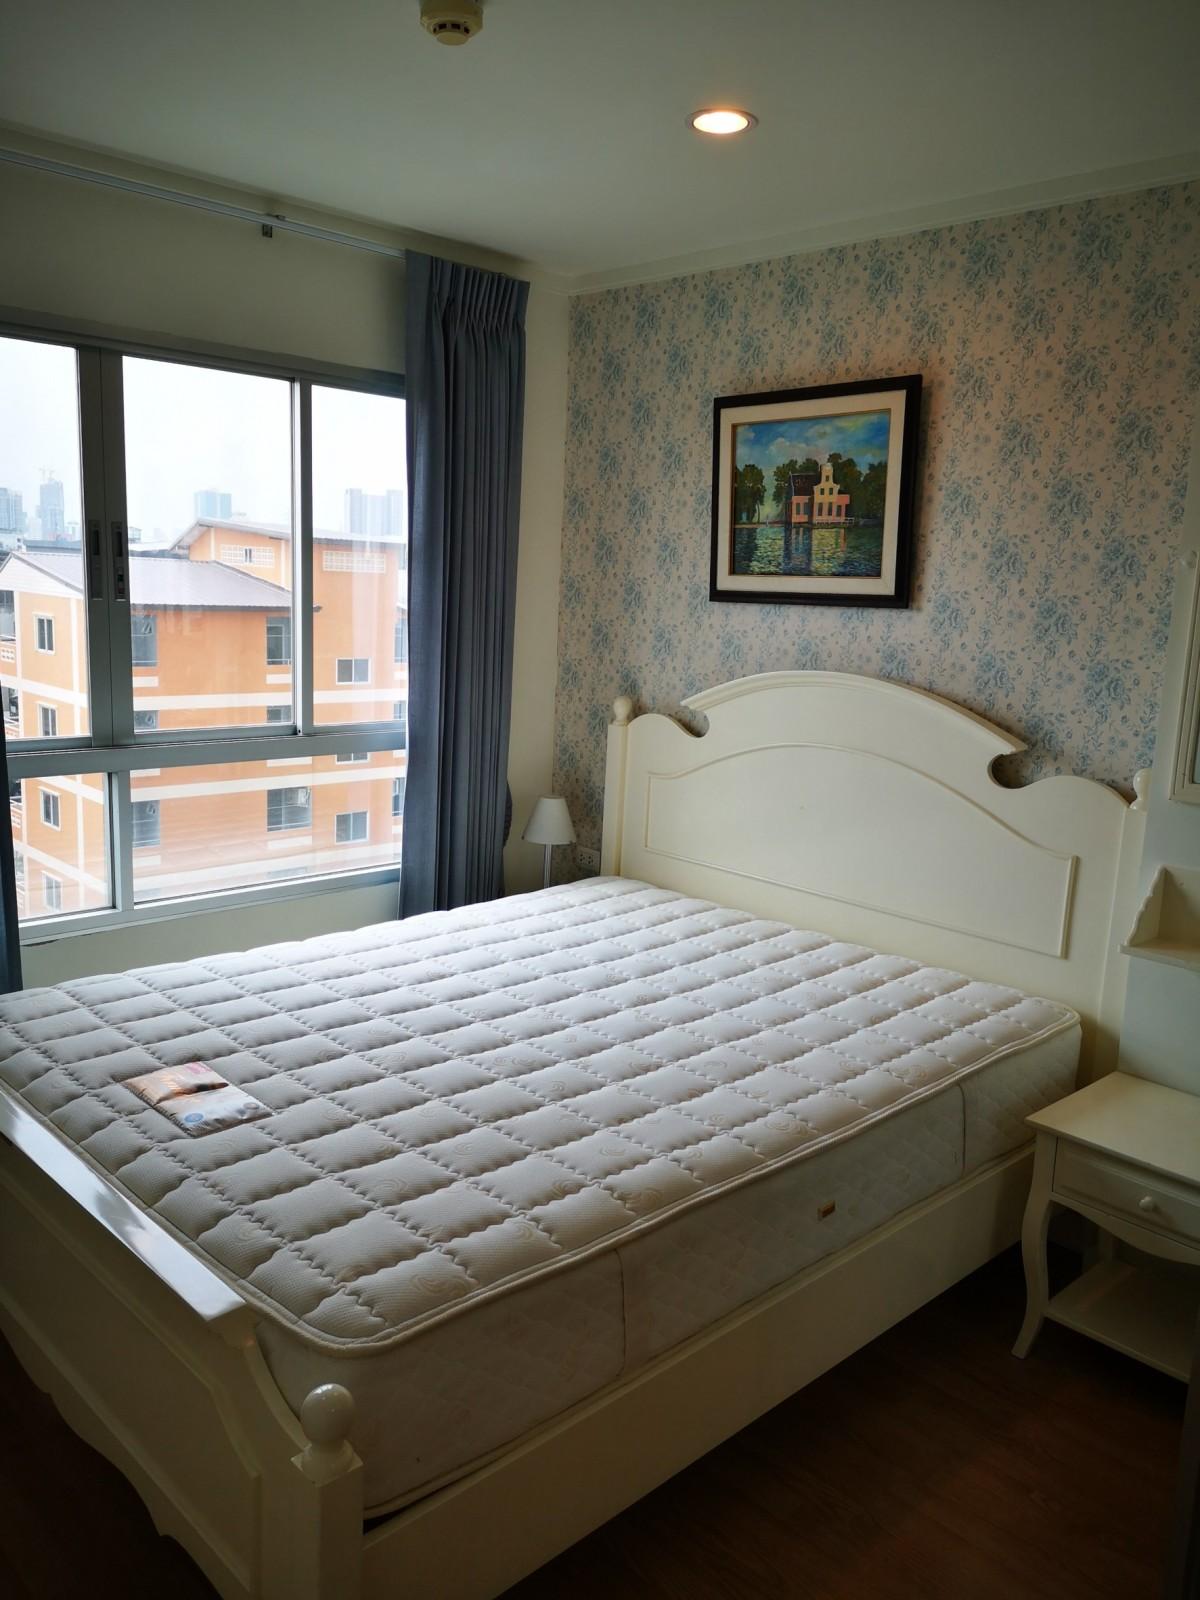 รูปของประกาศเช่าคอนโดลุมพินี วิลล์ พัฒนาการ-เพชรบุรีตัดใหม่ (1 ห้องนอน)(1)